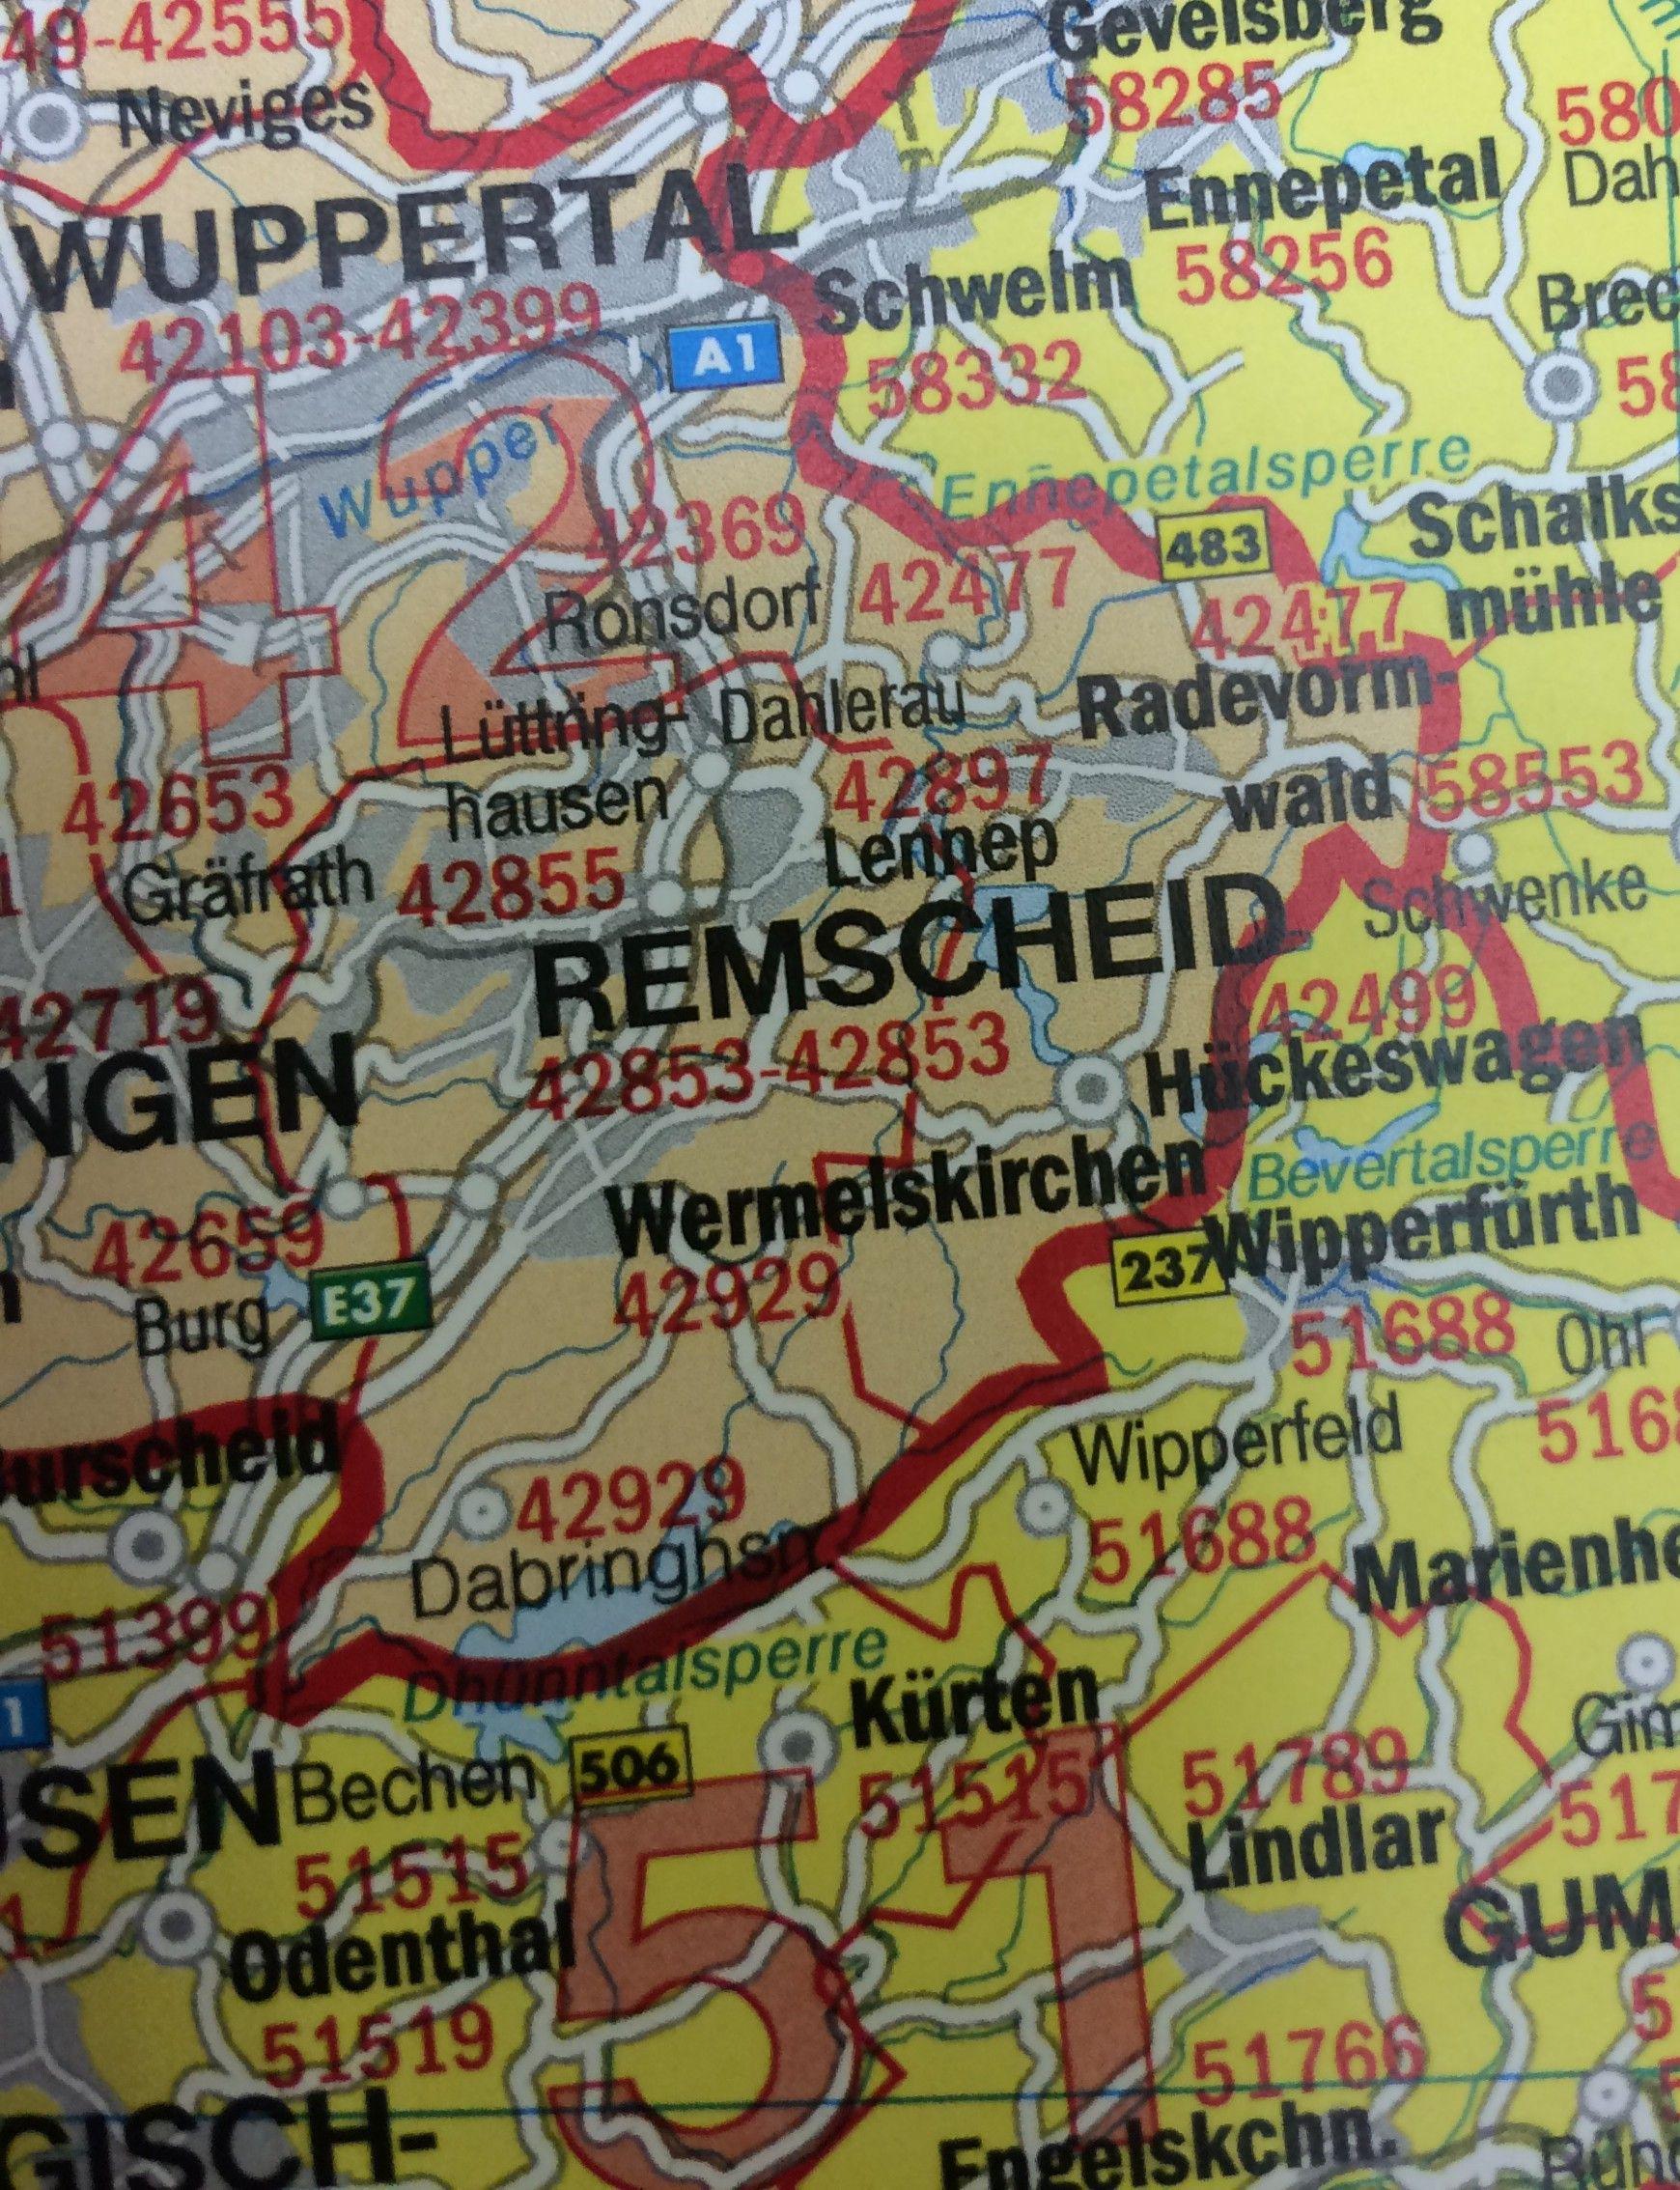 5-cijferige Postcodekaart Duitsland Freytag Berndt  schaal 1:700.000 met plaatsnamenindex